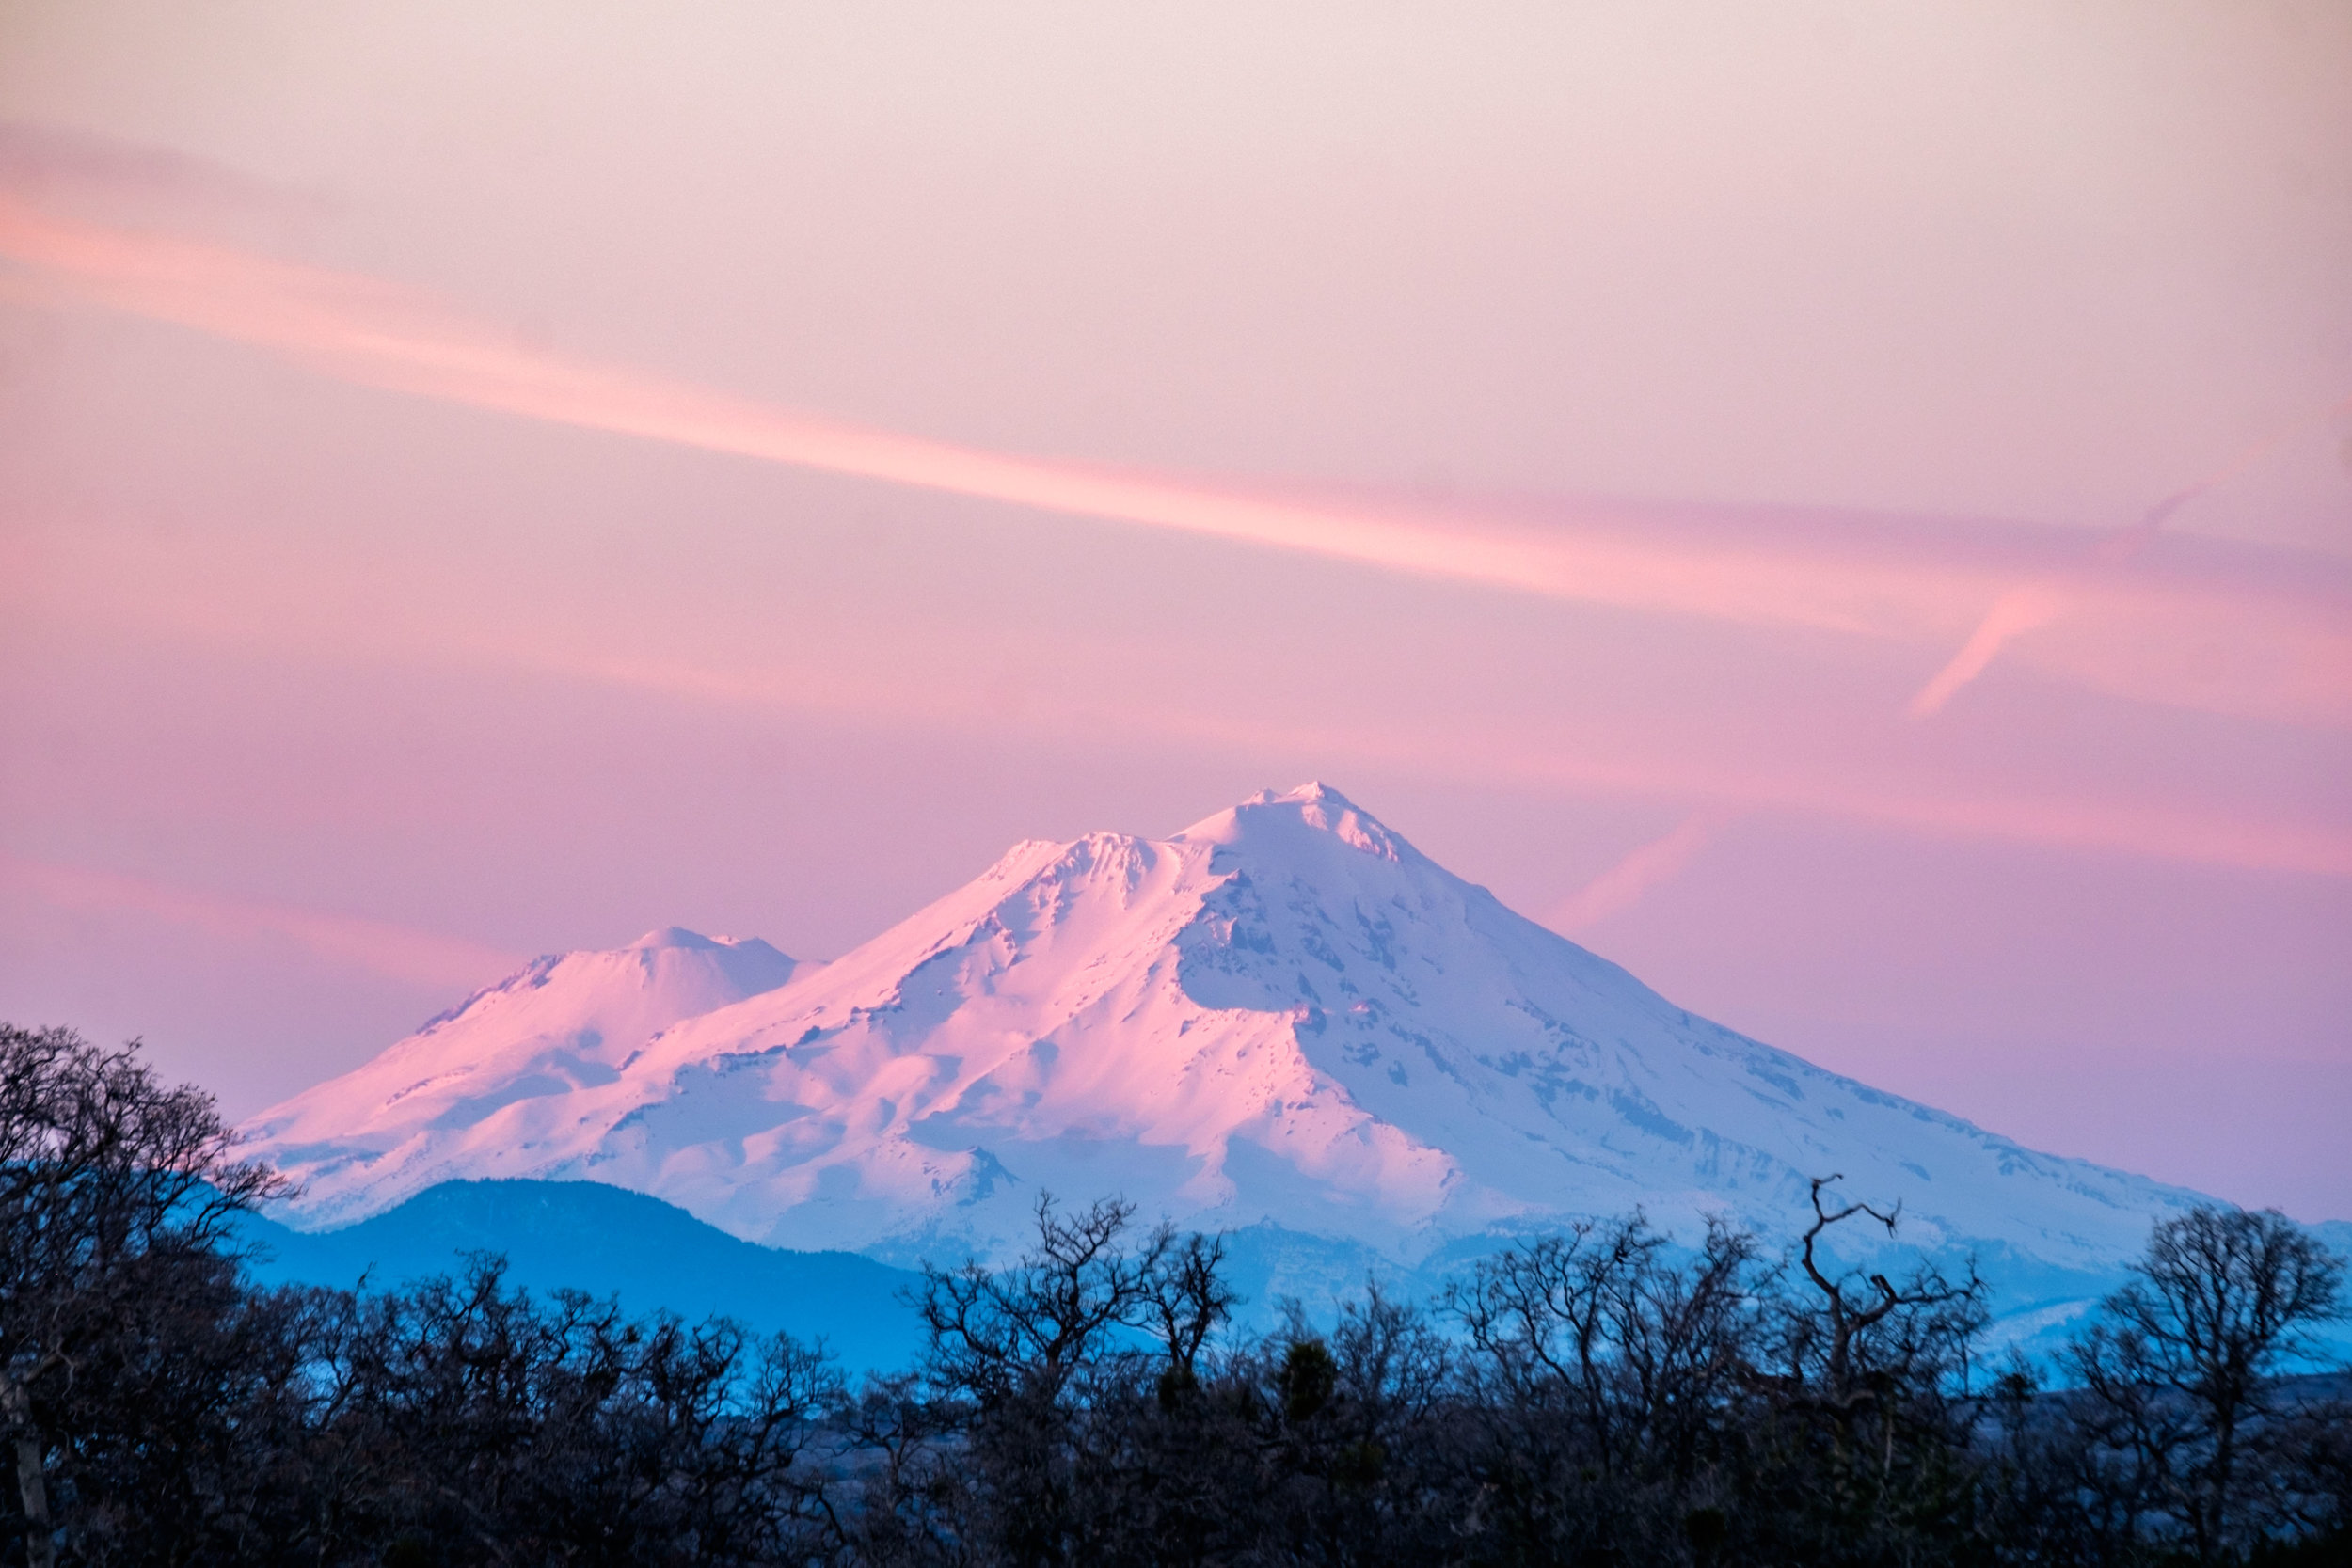 Lassen Peak: the centerpiece of Lassen Volcanic National Park in northern California.